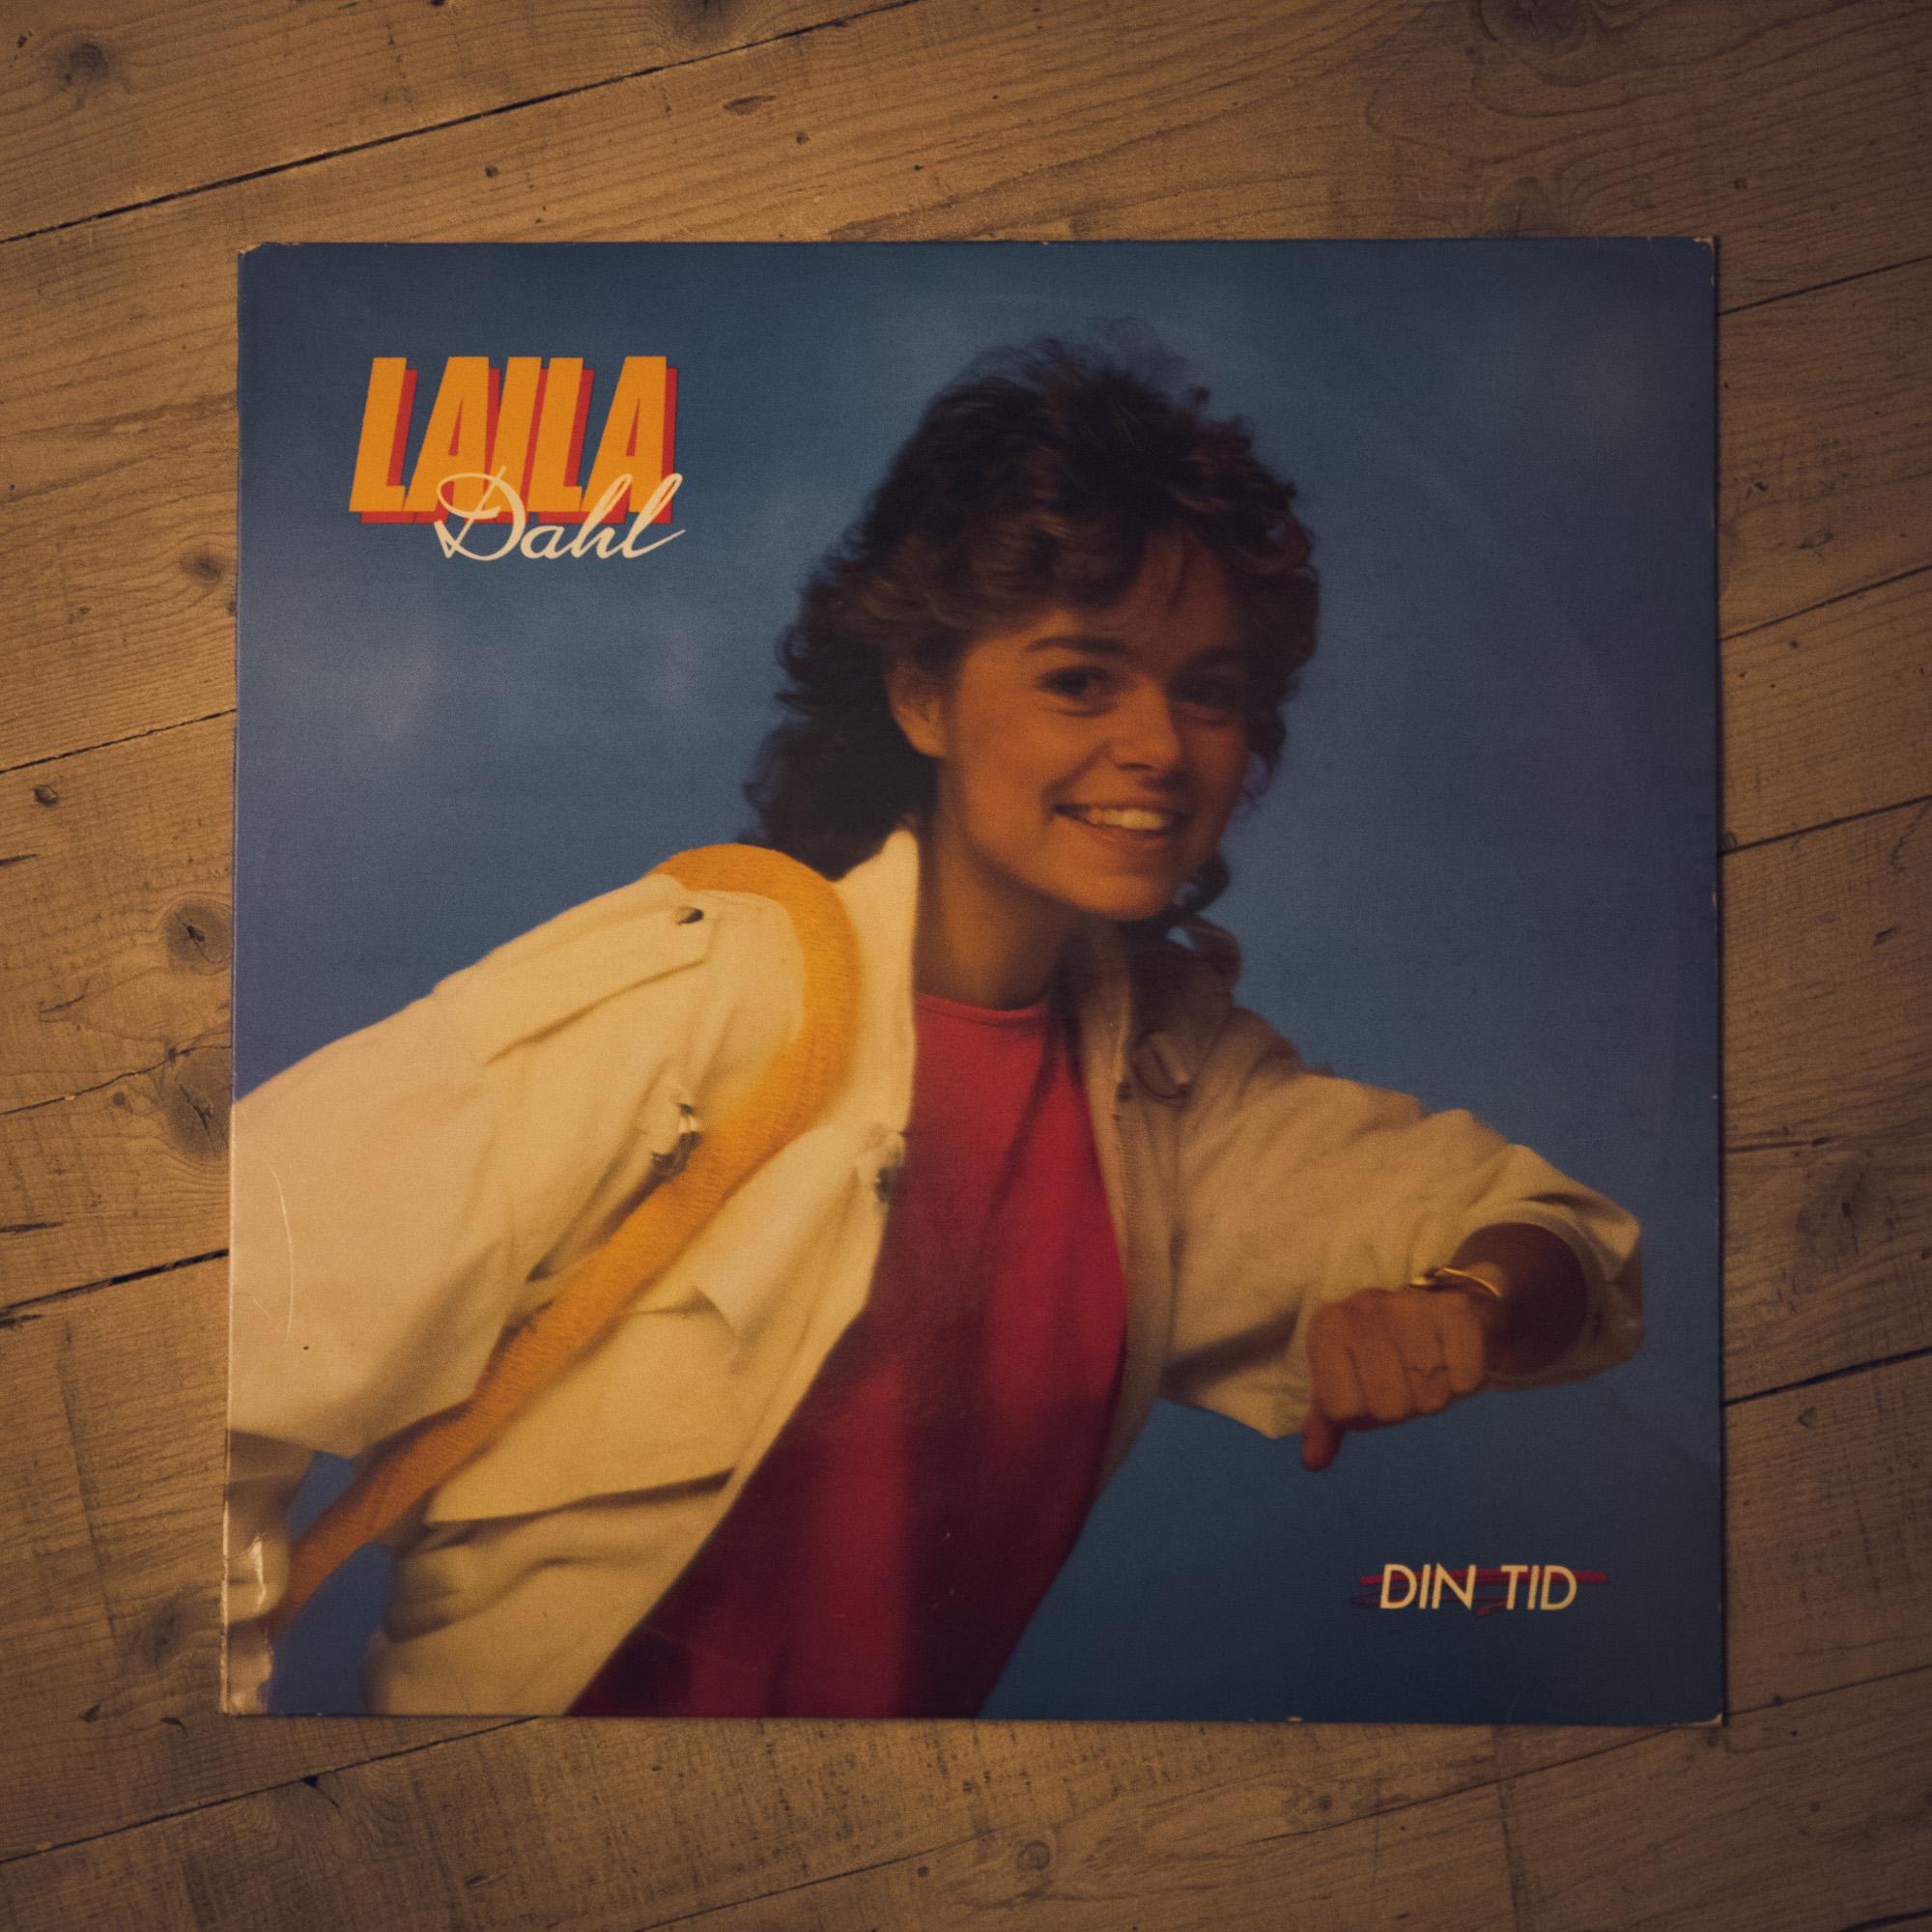 LP Din Tid Laila Dahl